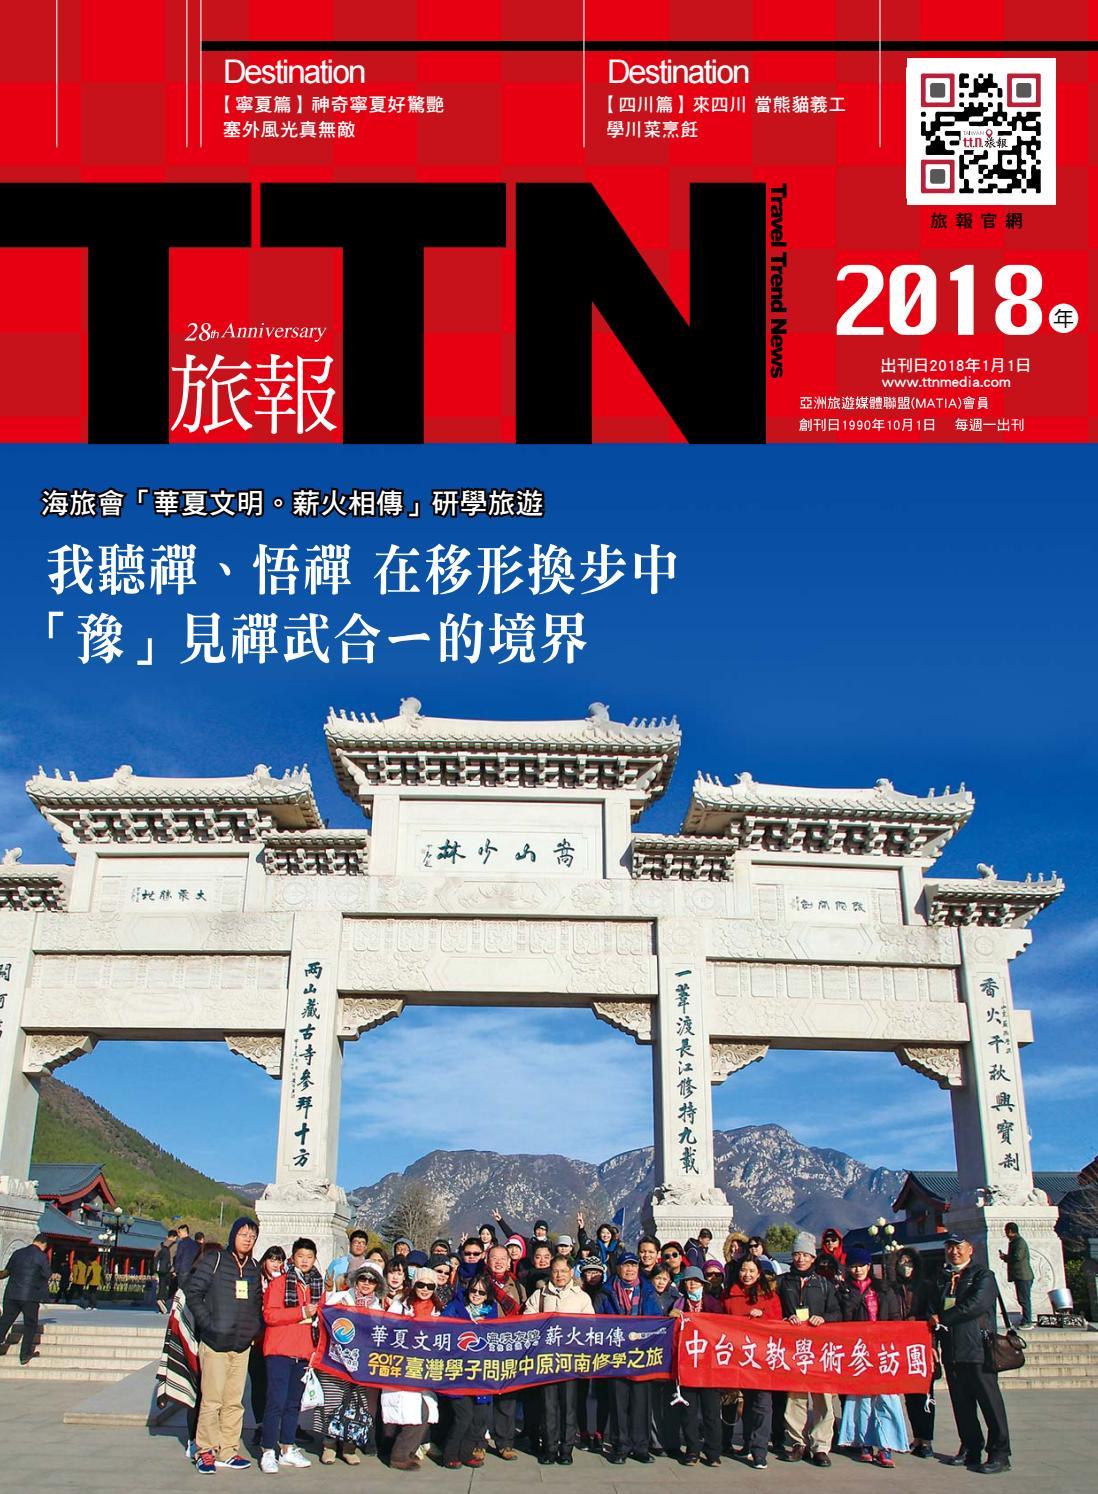 2018海旅會「華夏文明。薪火相傳」研學旅遊 by TTN旅報 - Issuu